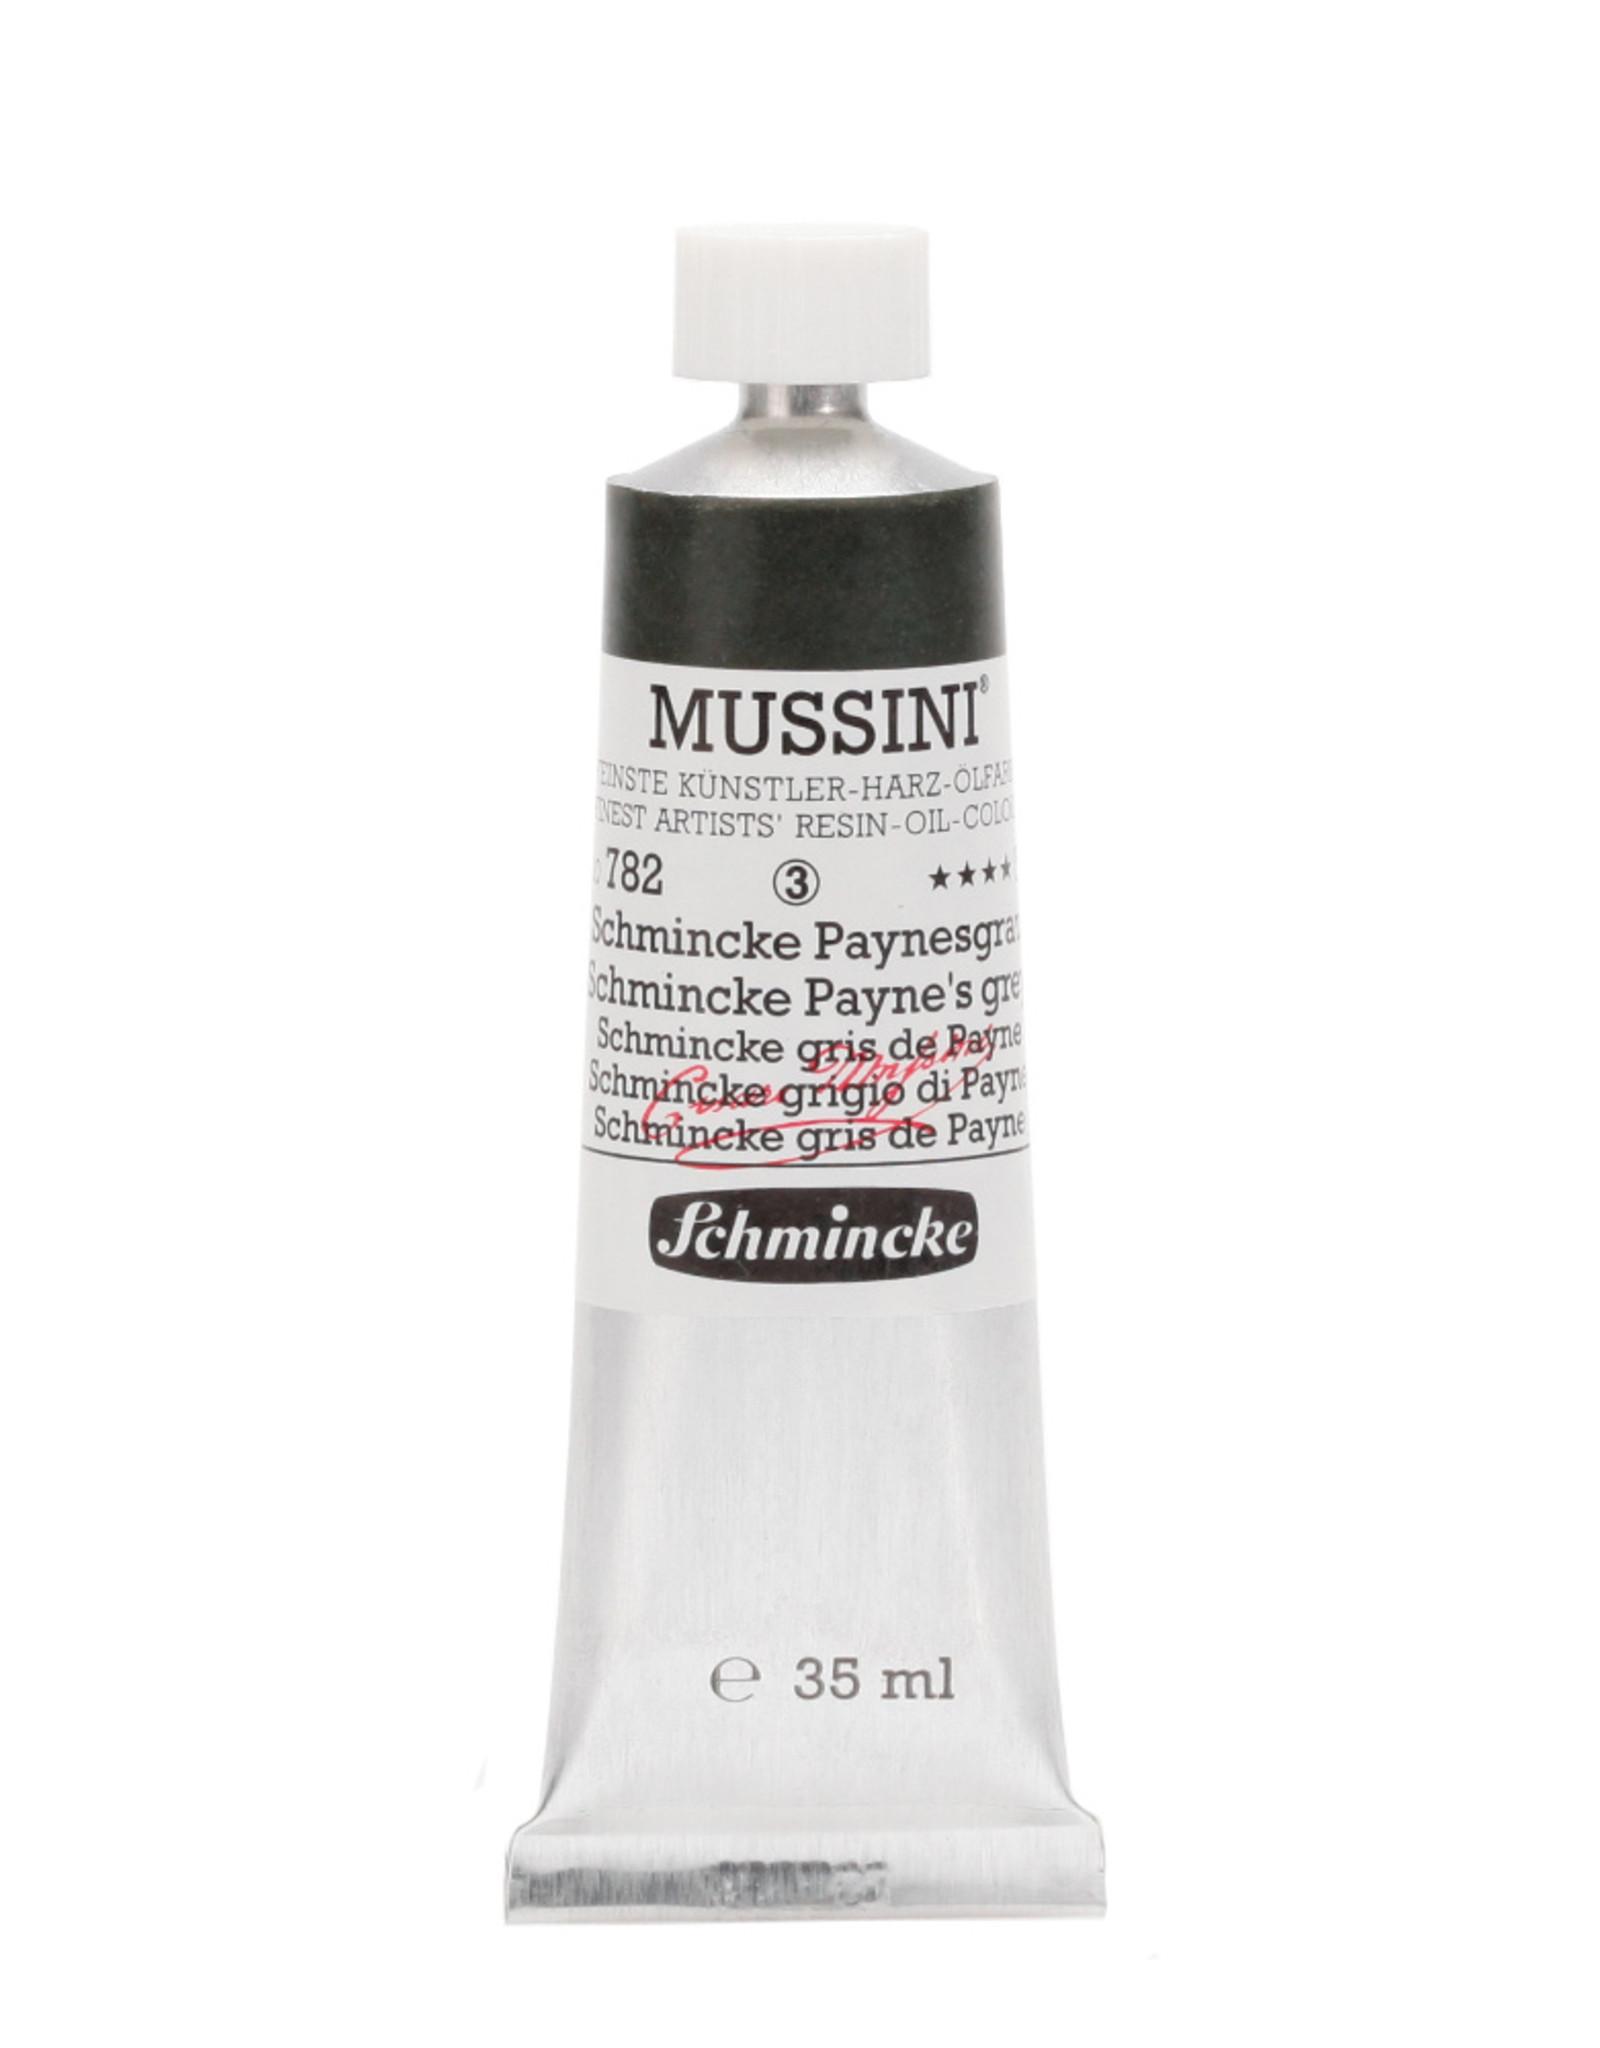 Schmincke Olieverf Mussini 35 ml Grijs Paynes 782/3